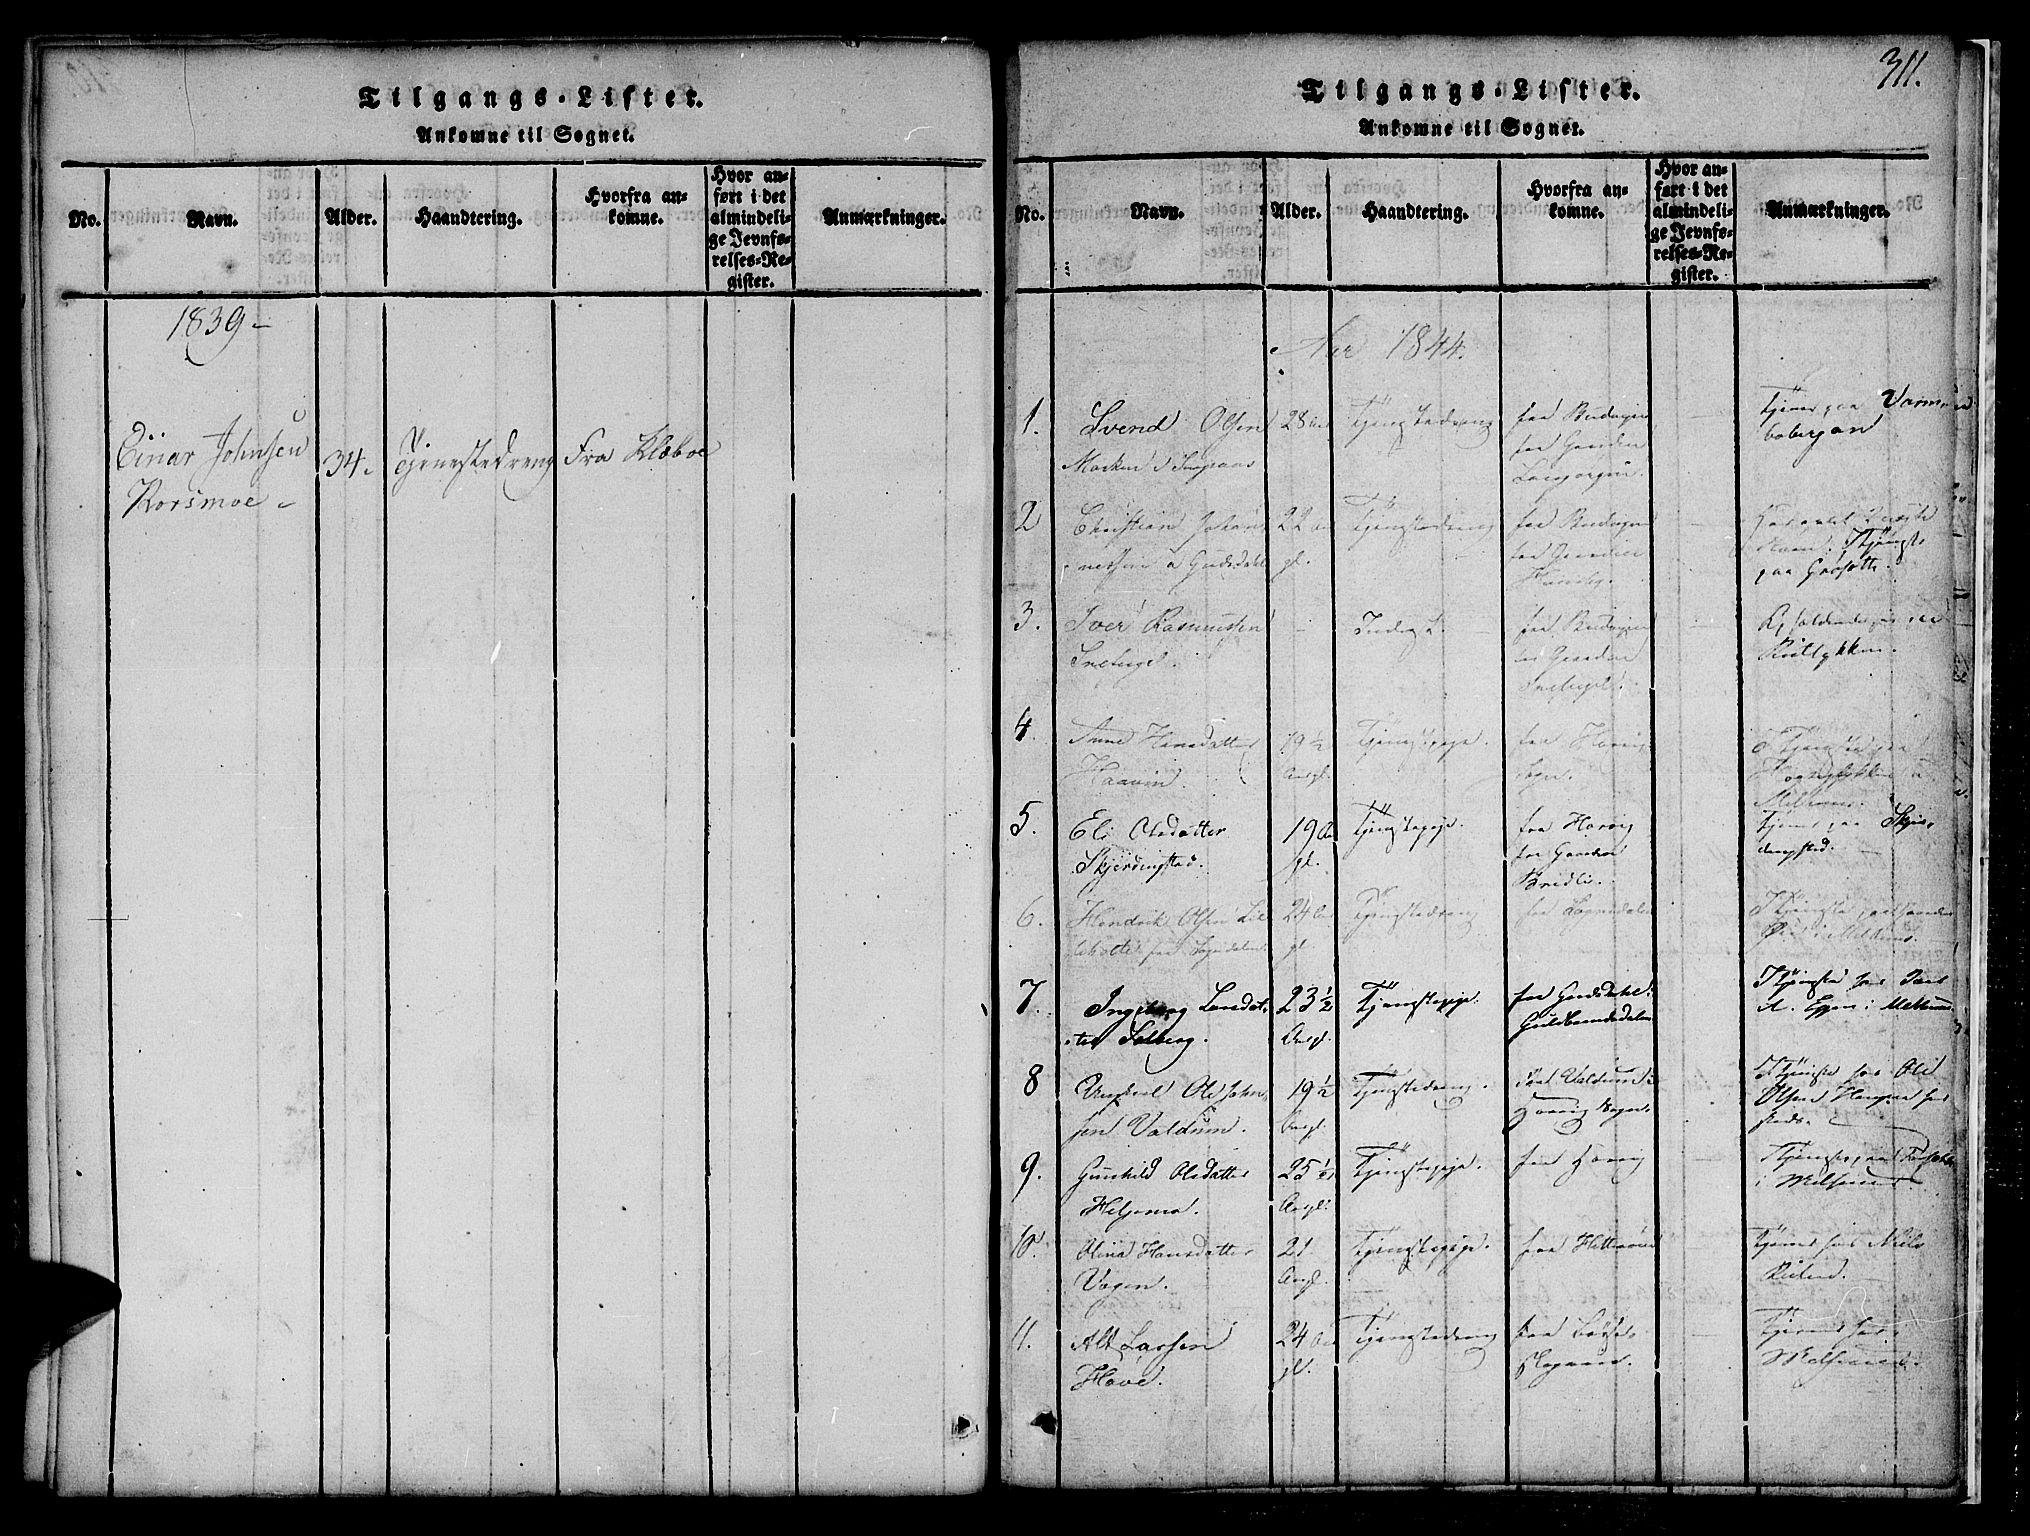 SAT, Ministerialprotokoller, klokkerbøker og fødselsregistre - Sør-Trøndelag, 691/L1092: Klokkerbok nr. 691C03, 1816-1852, s. 311